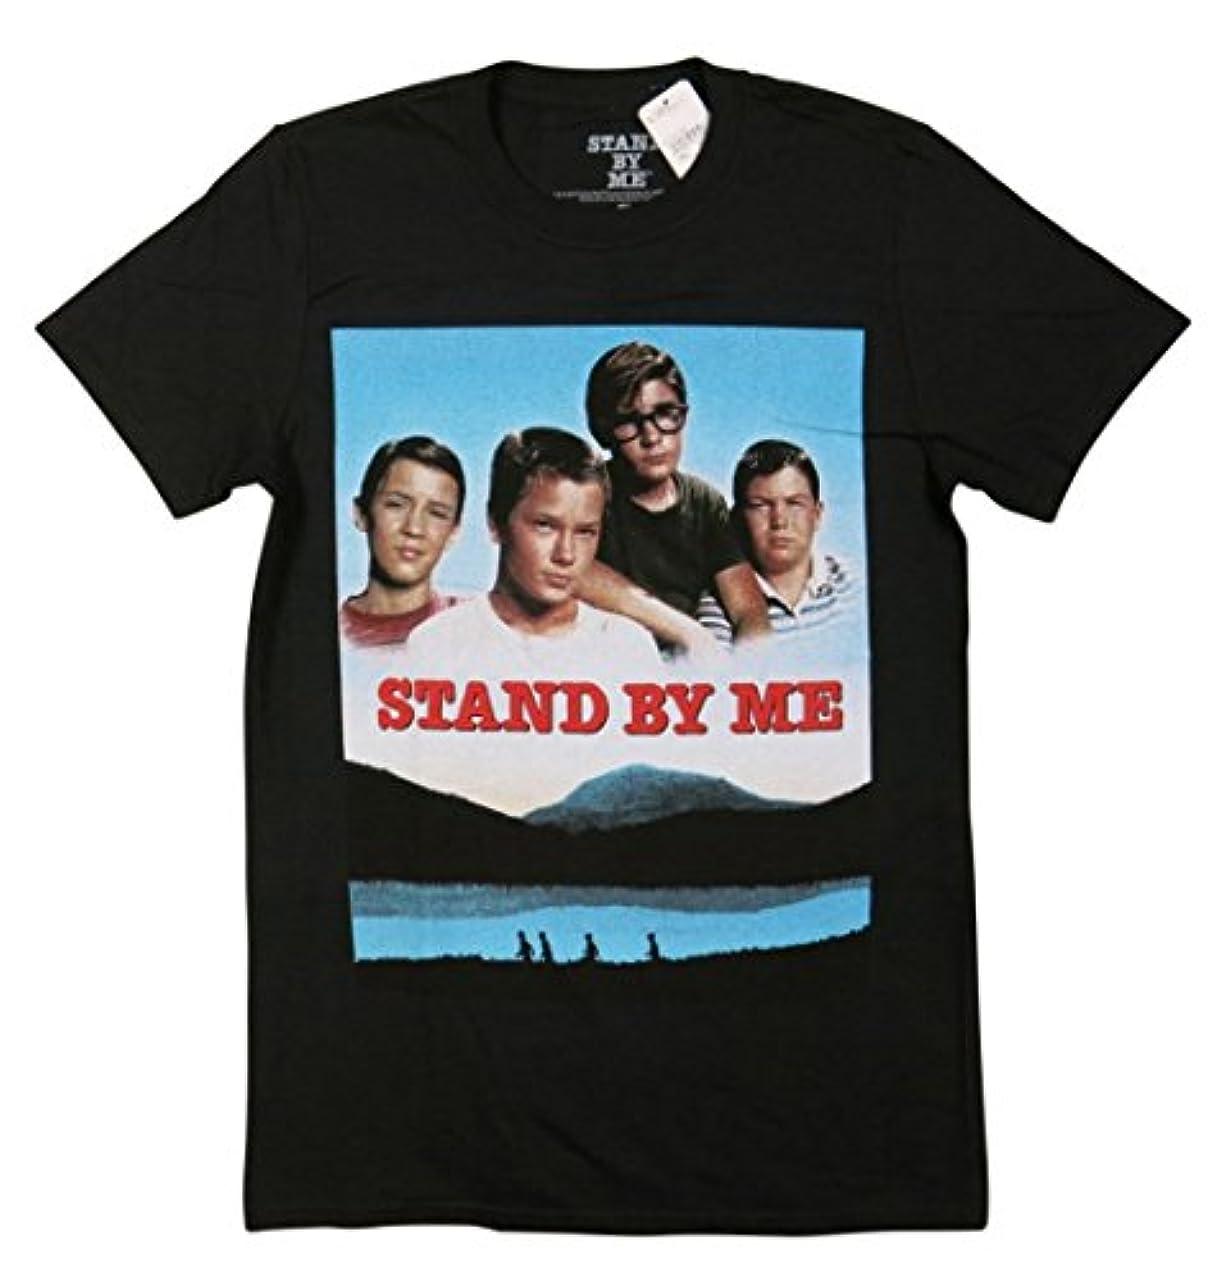 まっすぐ与える近々(スタンド バイ ミー)STAND BY ME 半袖 ムービープリント Tシャツ [並行輸入品]